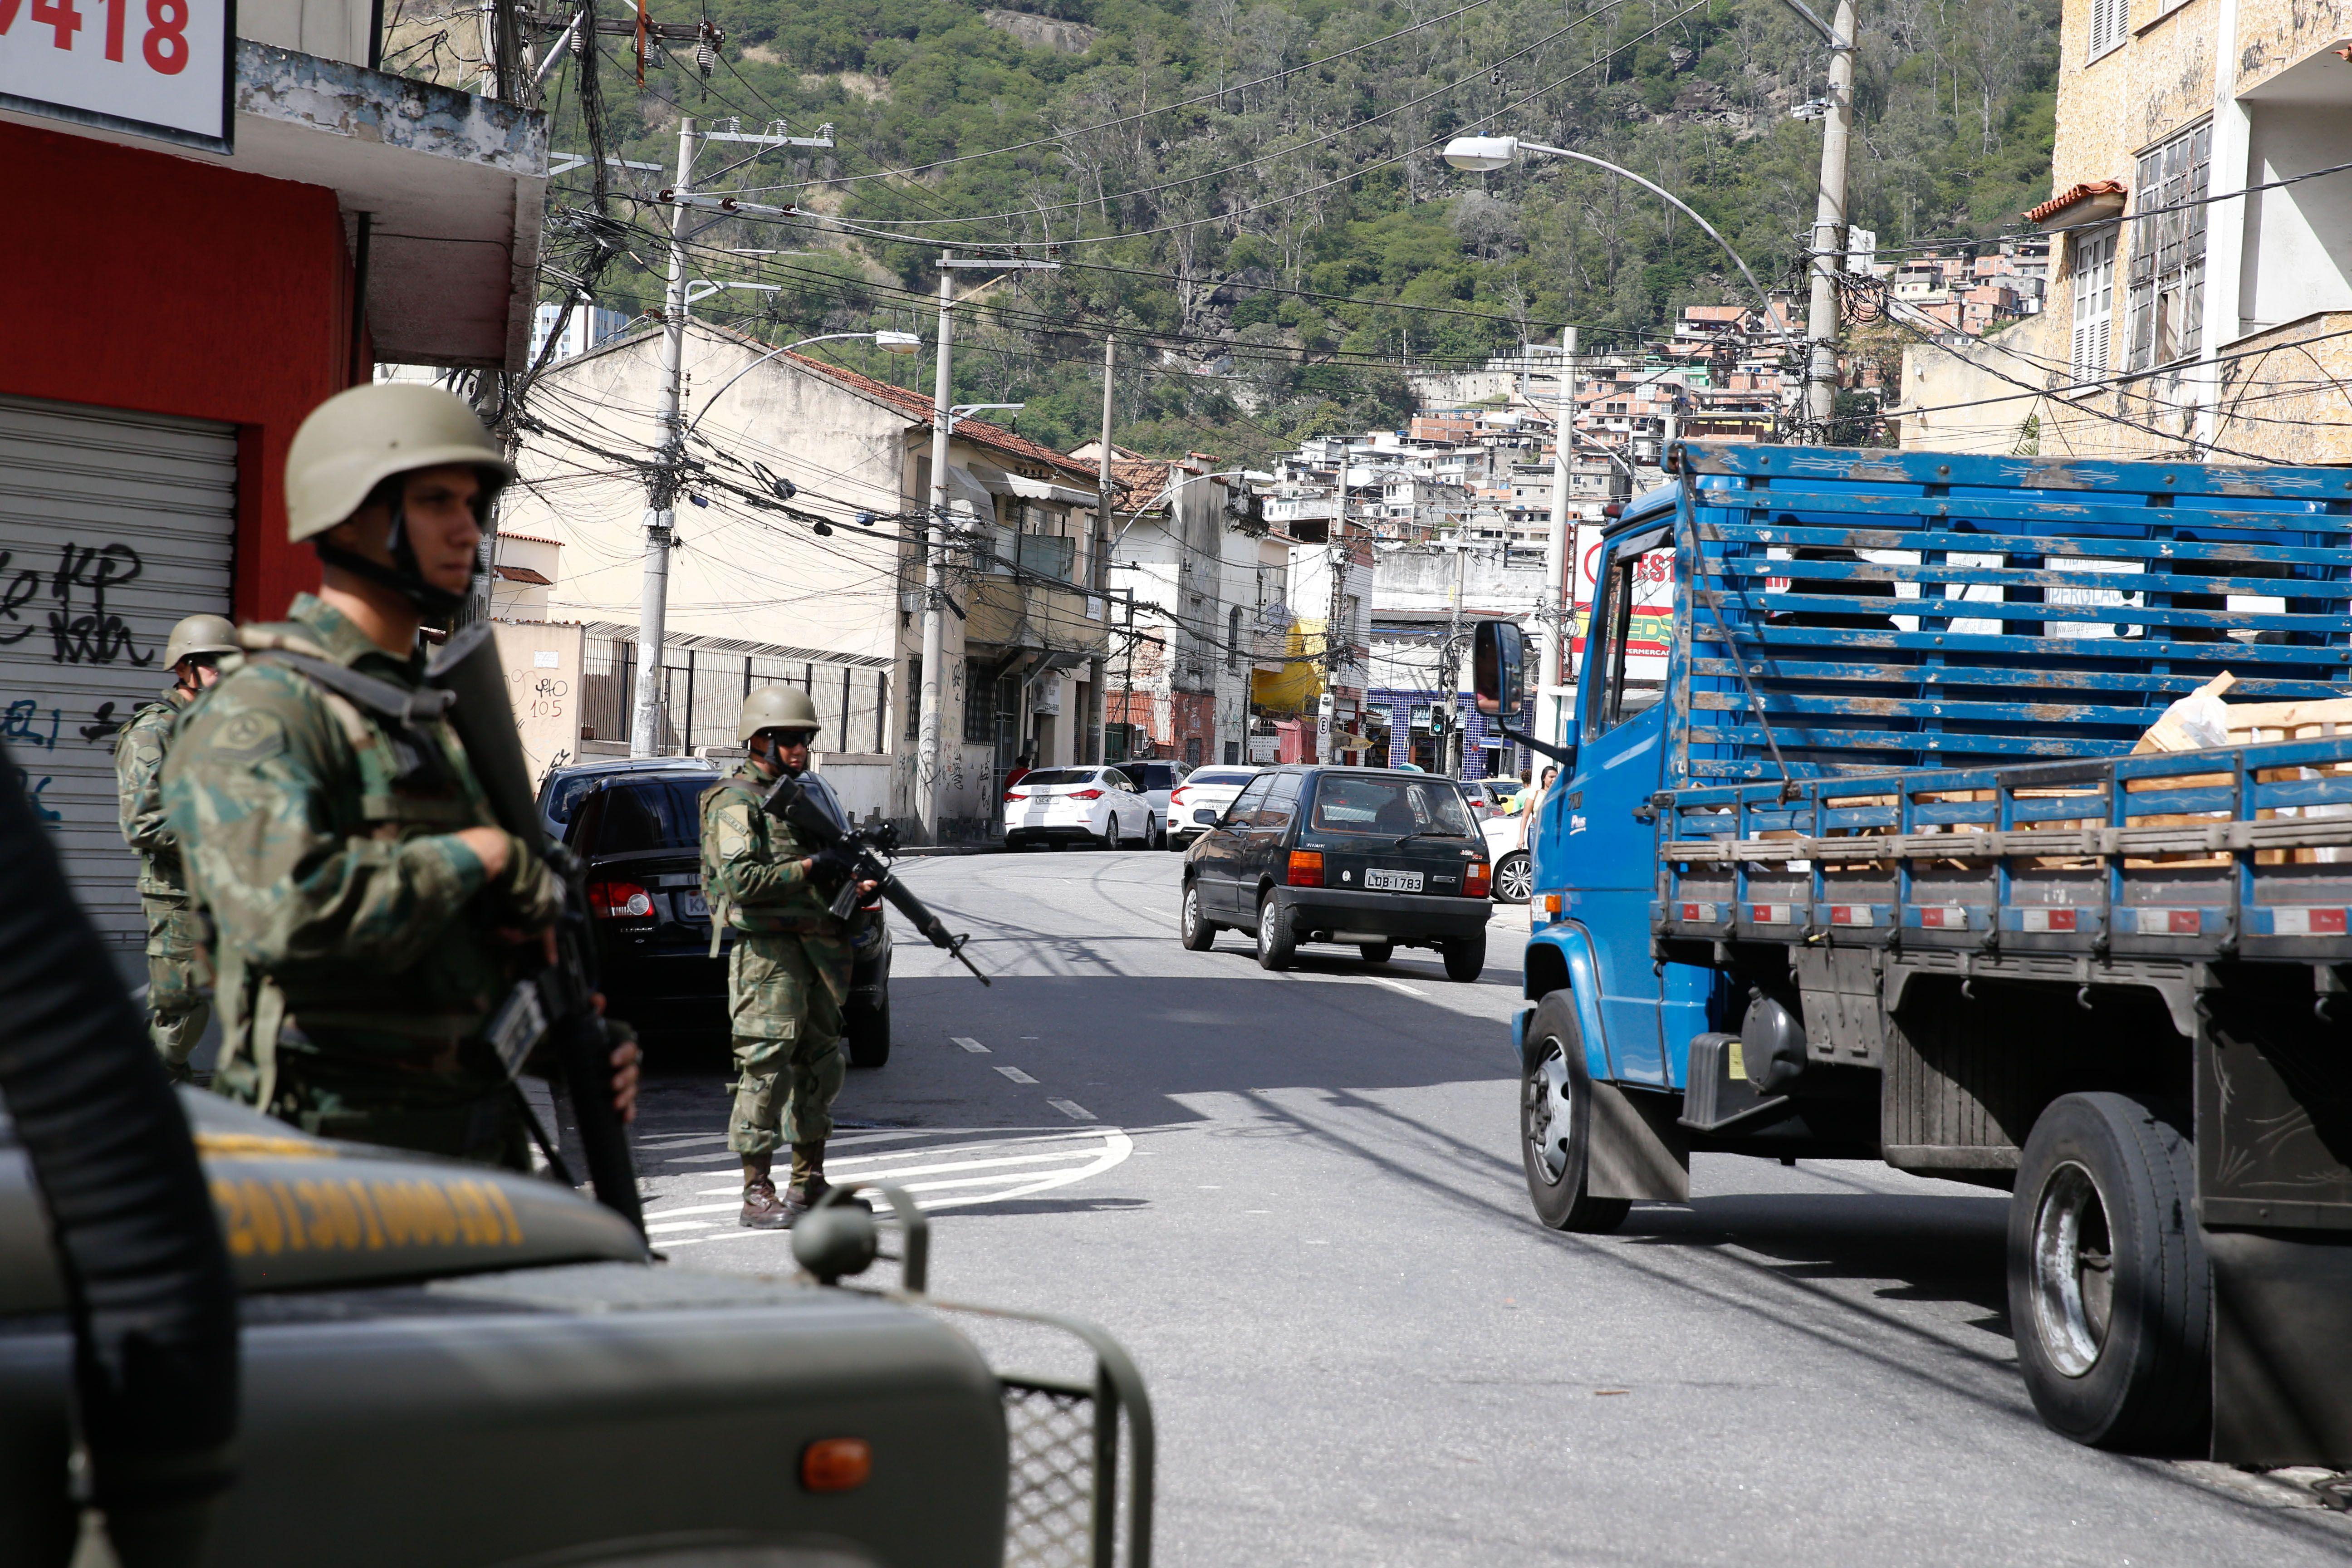 Segurança - geral - Força Nacional abordagem policial suspeitos crimes violência morros Rio de Janeiro